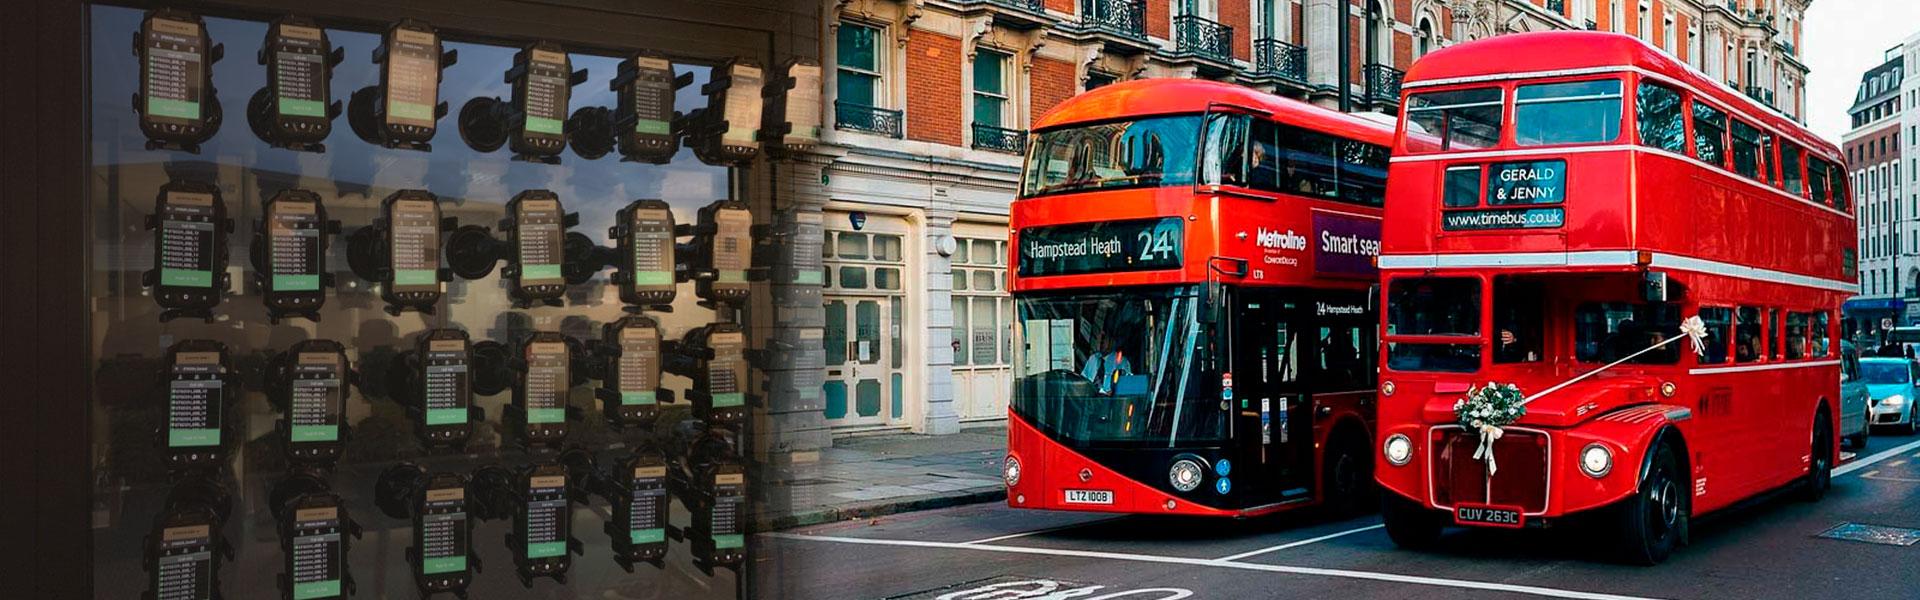 RG725: un gran apoyo para la comunicación del transporte público de Londres en medio de una pandemia